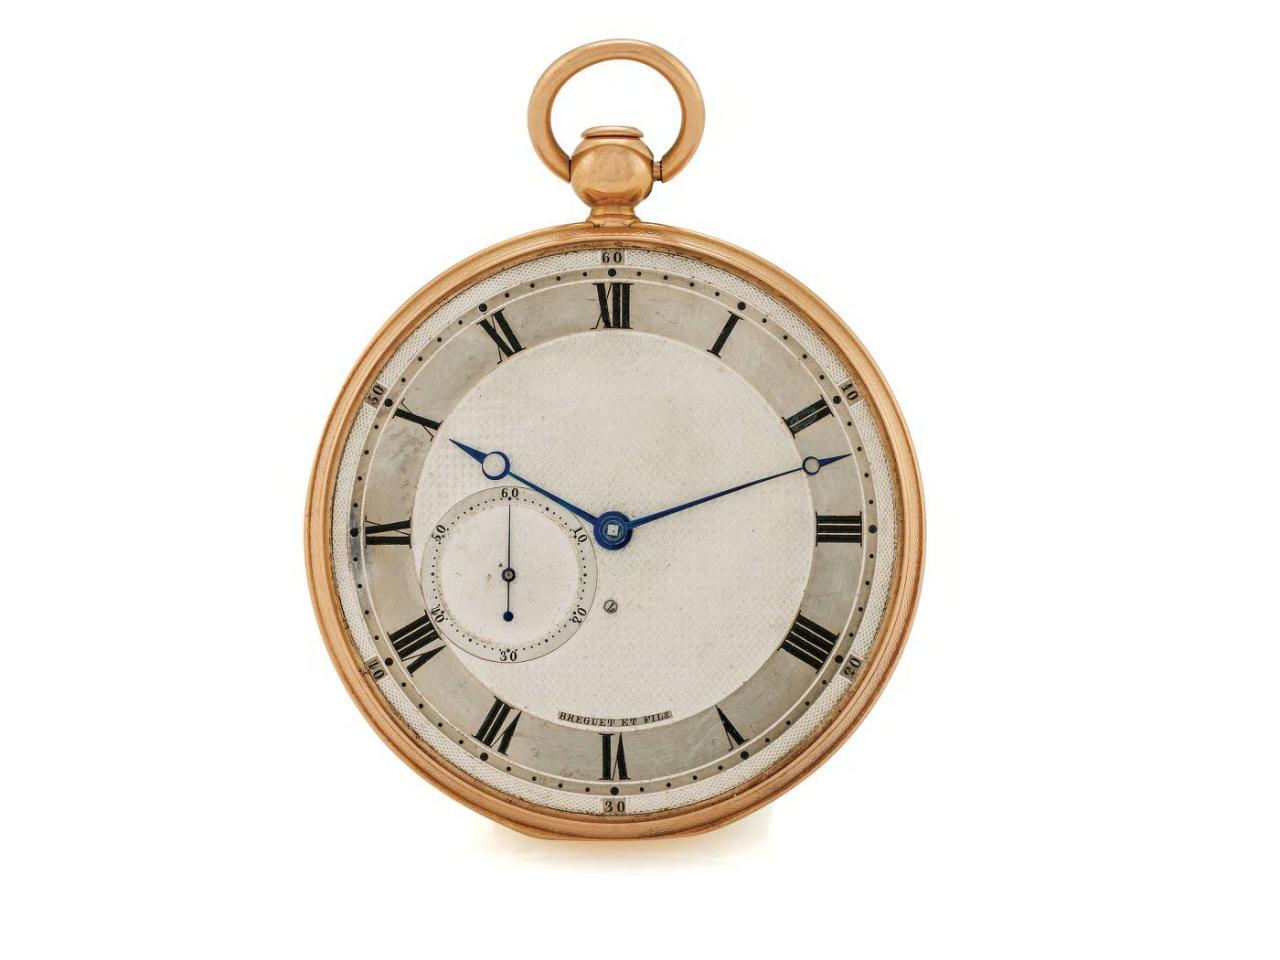 orologio 1/48 Breguet Alize Replica N° 3104 del 1818